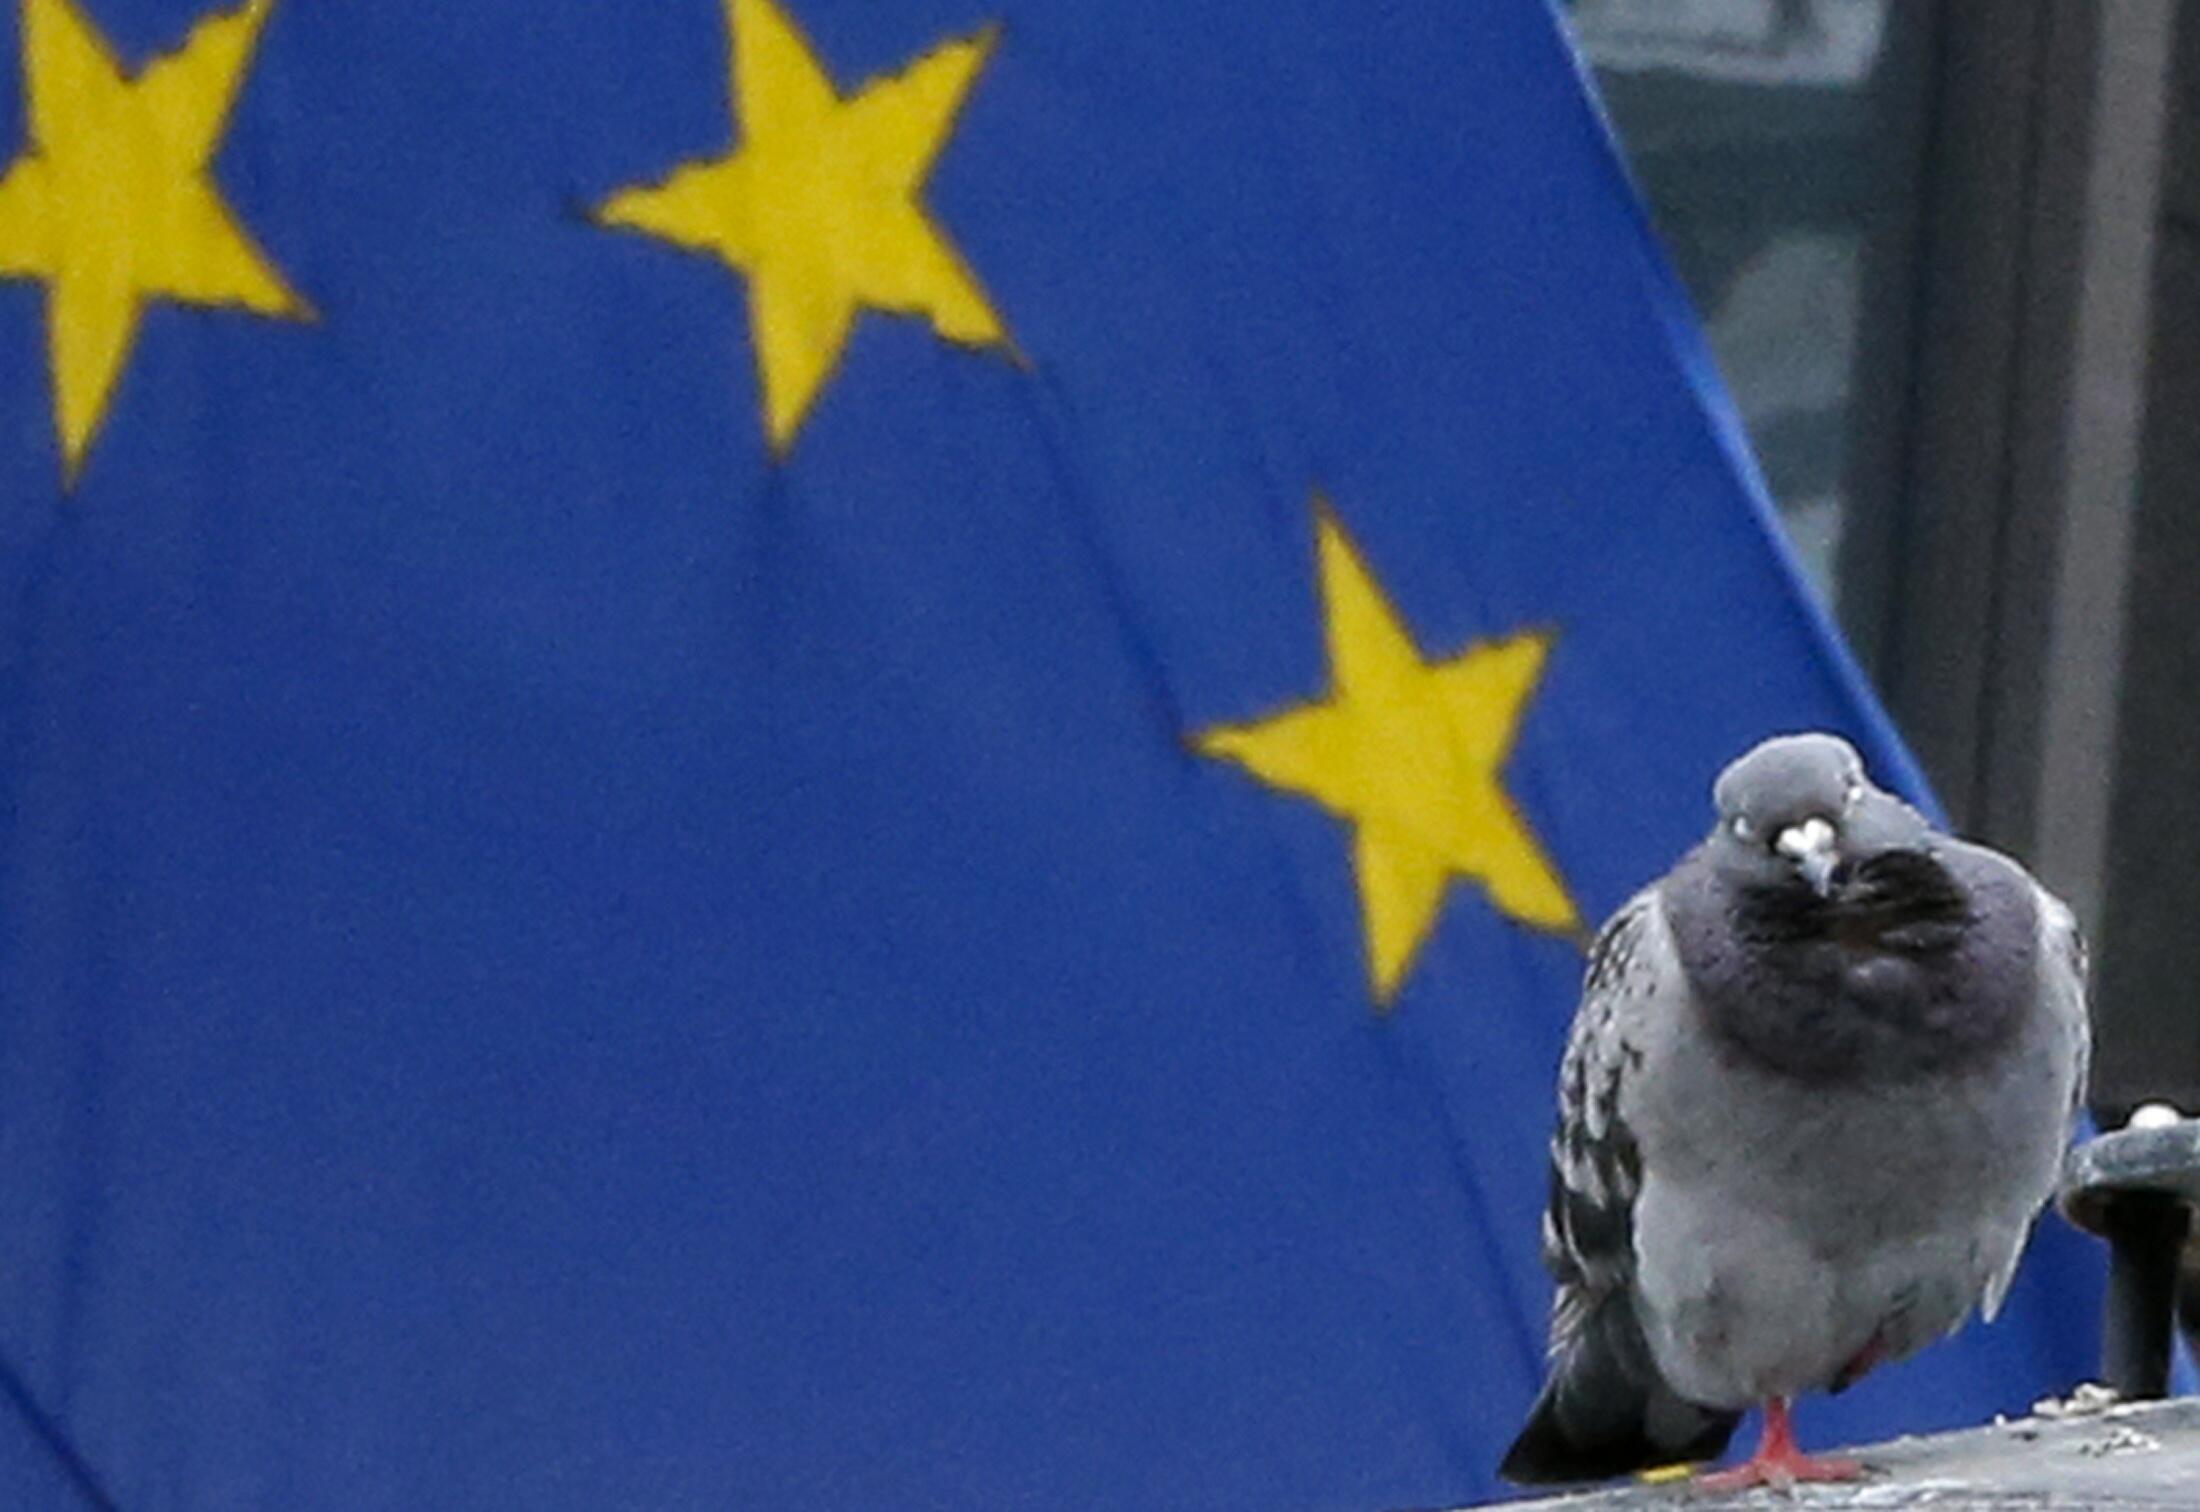 Foto mostra um pombo diante da bandeira da União Europeia, em Bruxelas.